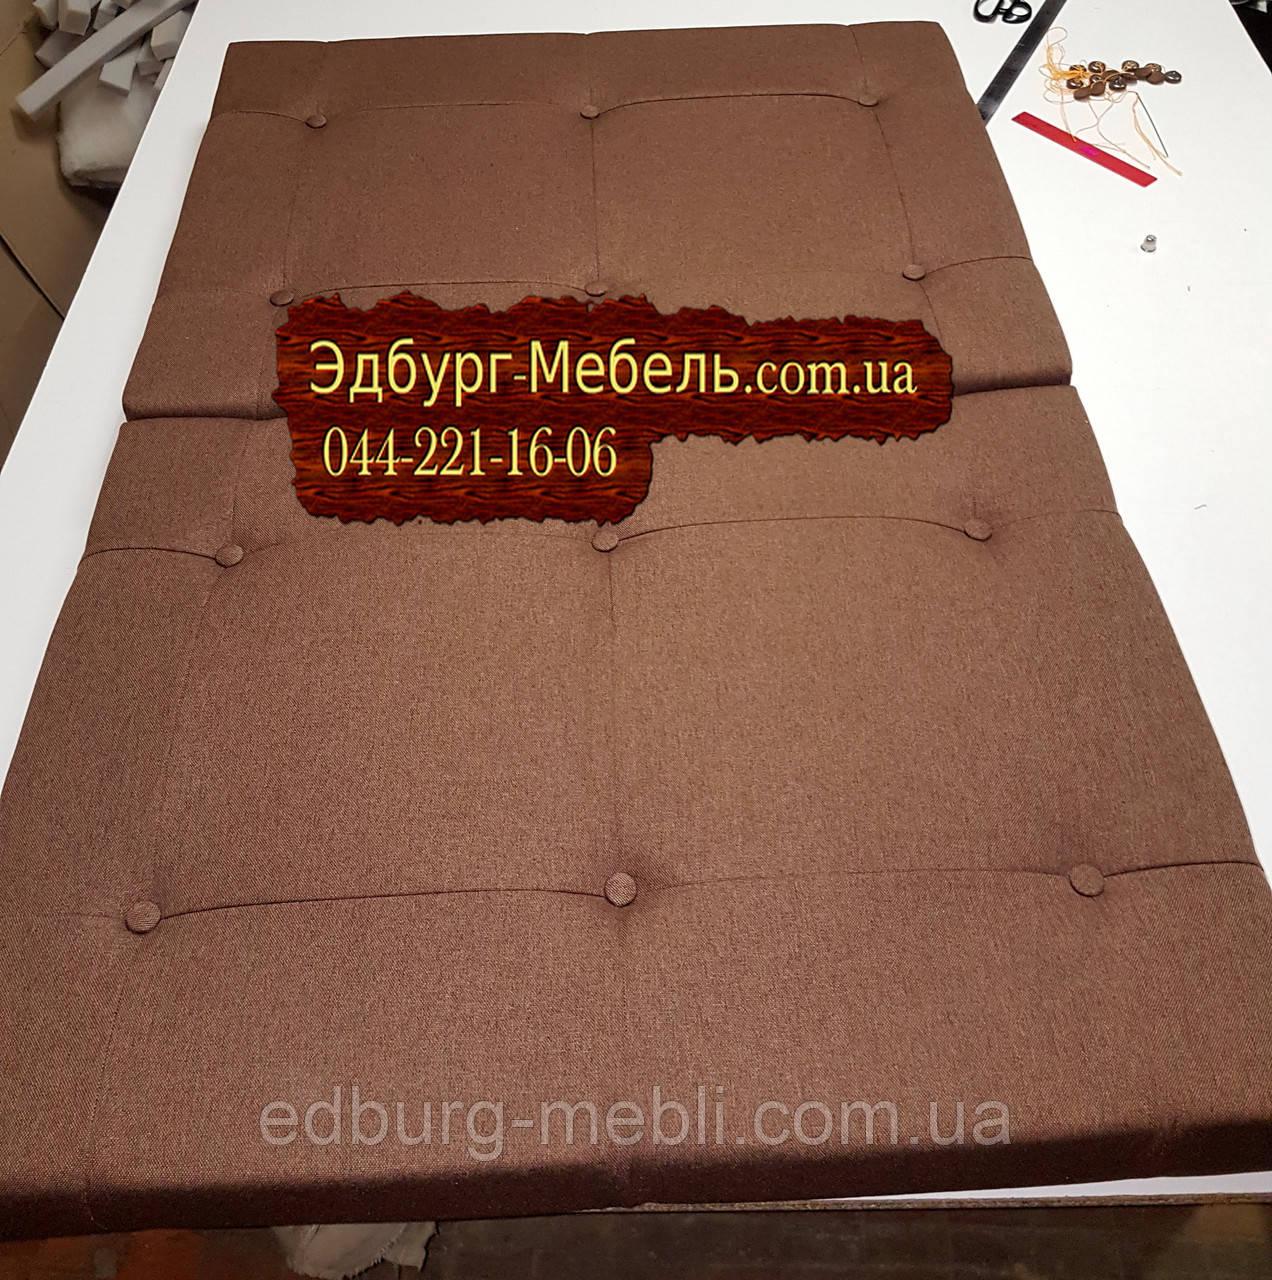 Подушки для передпокою з прошивкою